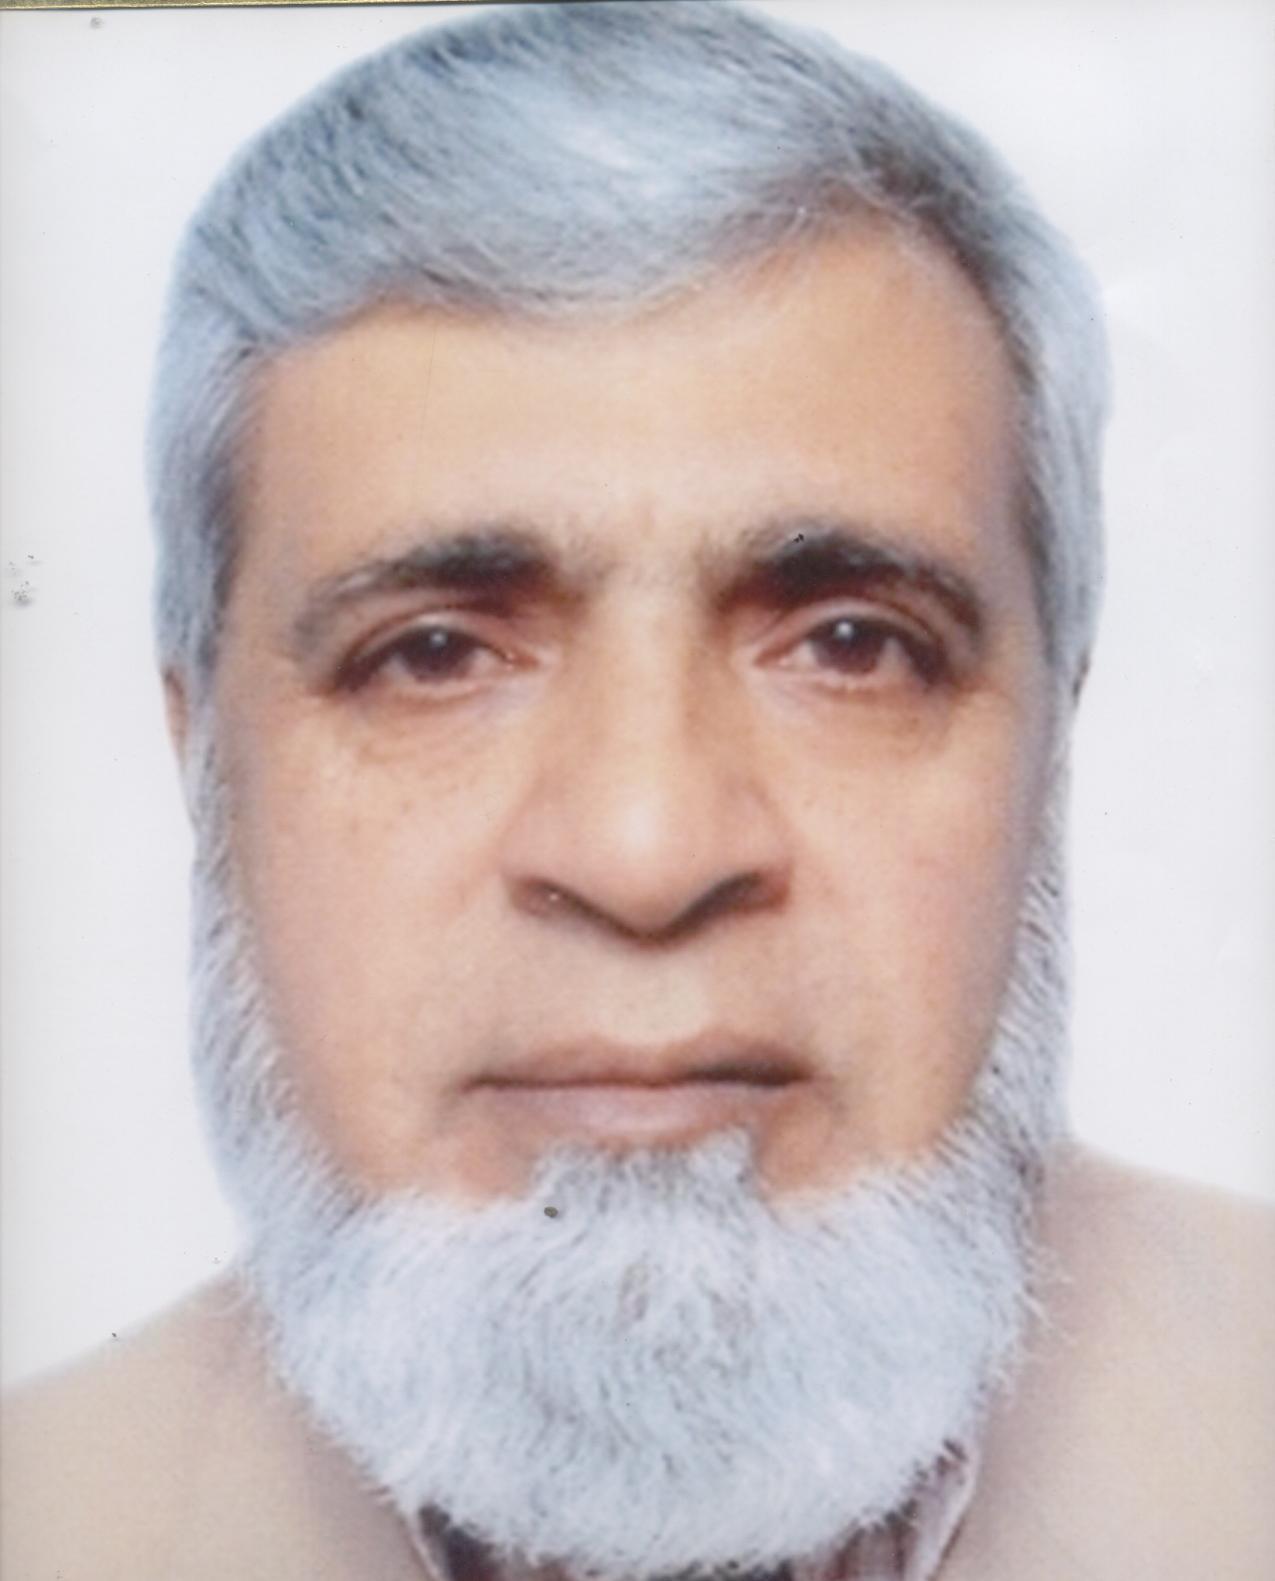 Saqib Ali